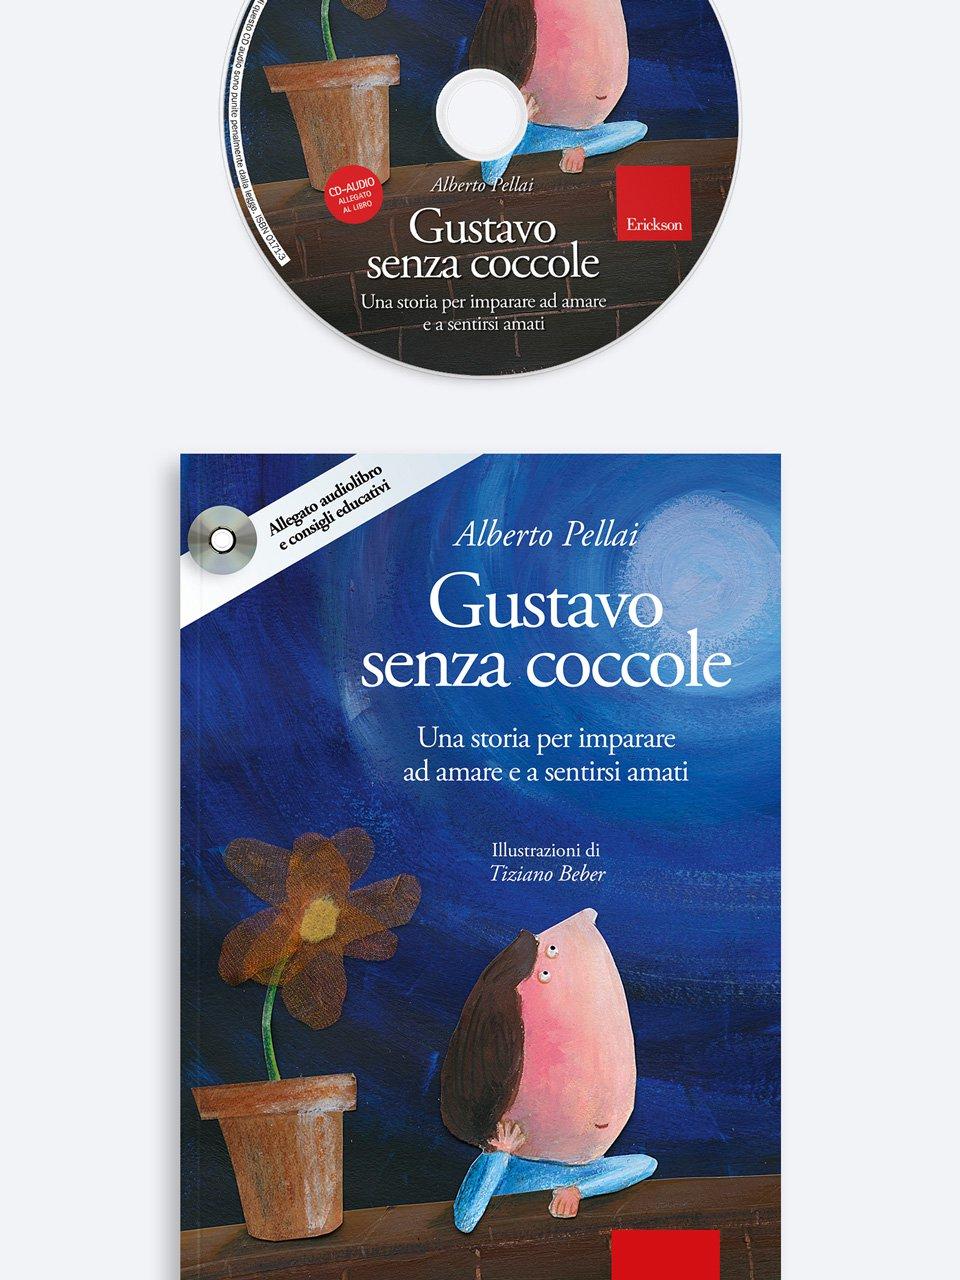 Gustavo senza coccole - Alberto Pellai - Erickson